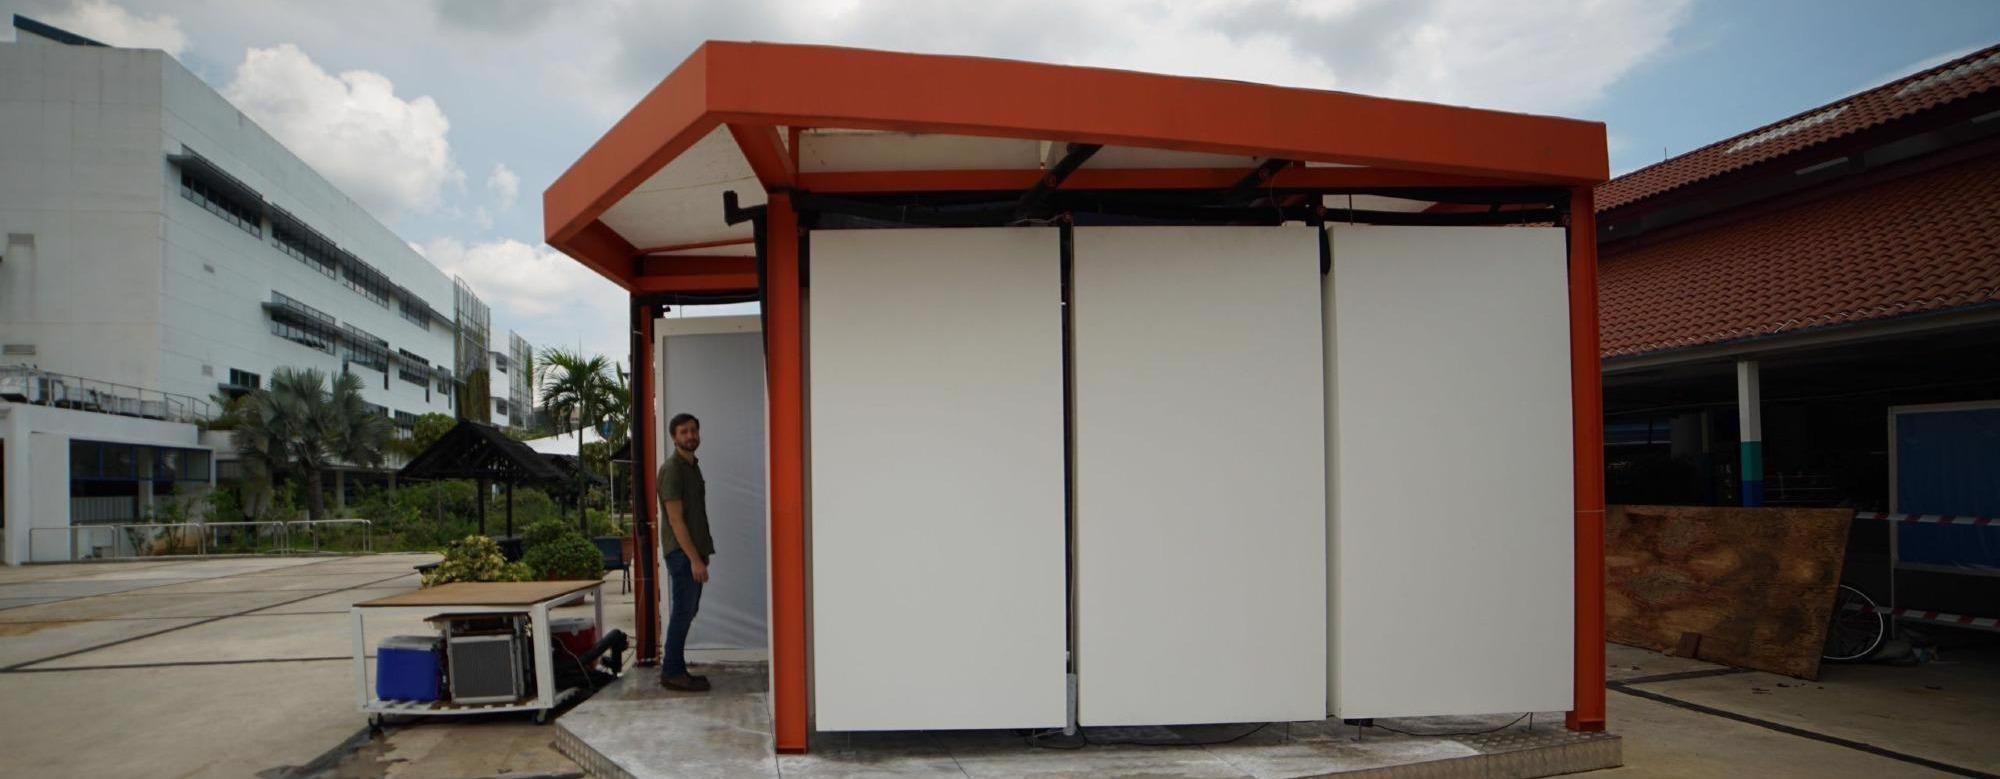 制冷板可替代空调,防止室内疾病传播